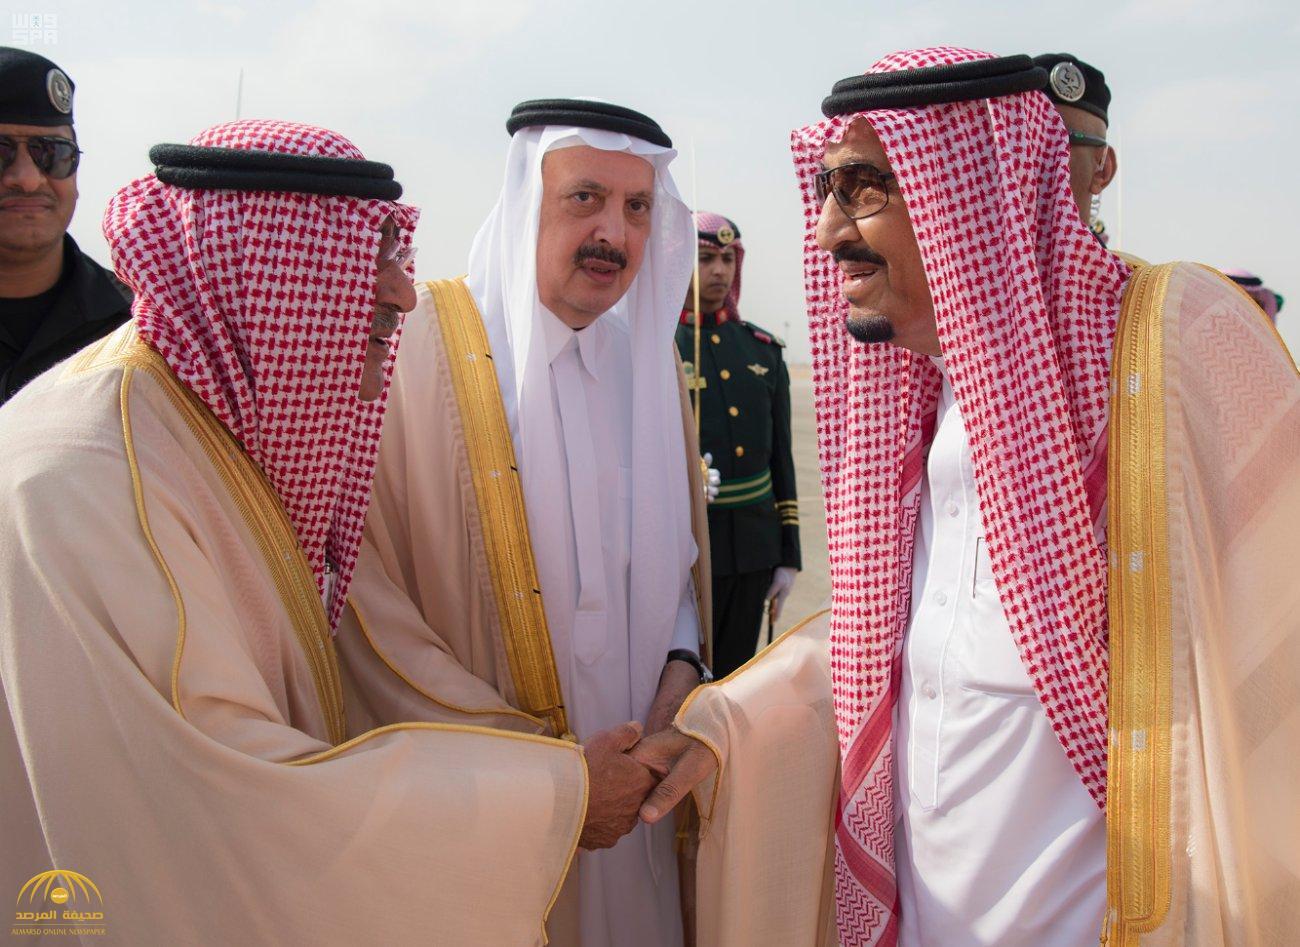 الامير سلمان بن عبدالعزيز امير منطقة الرياض